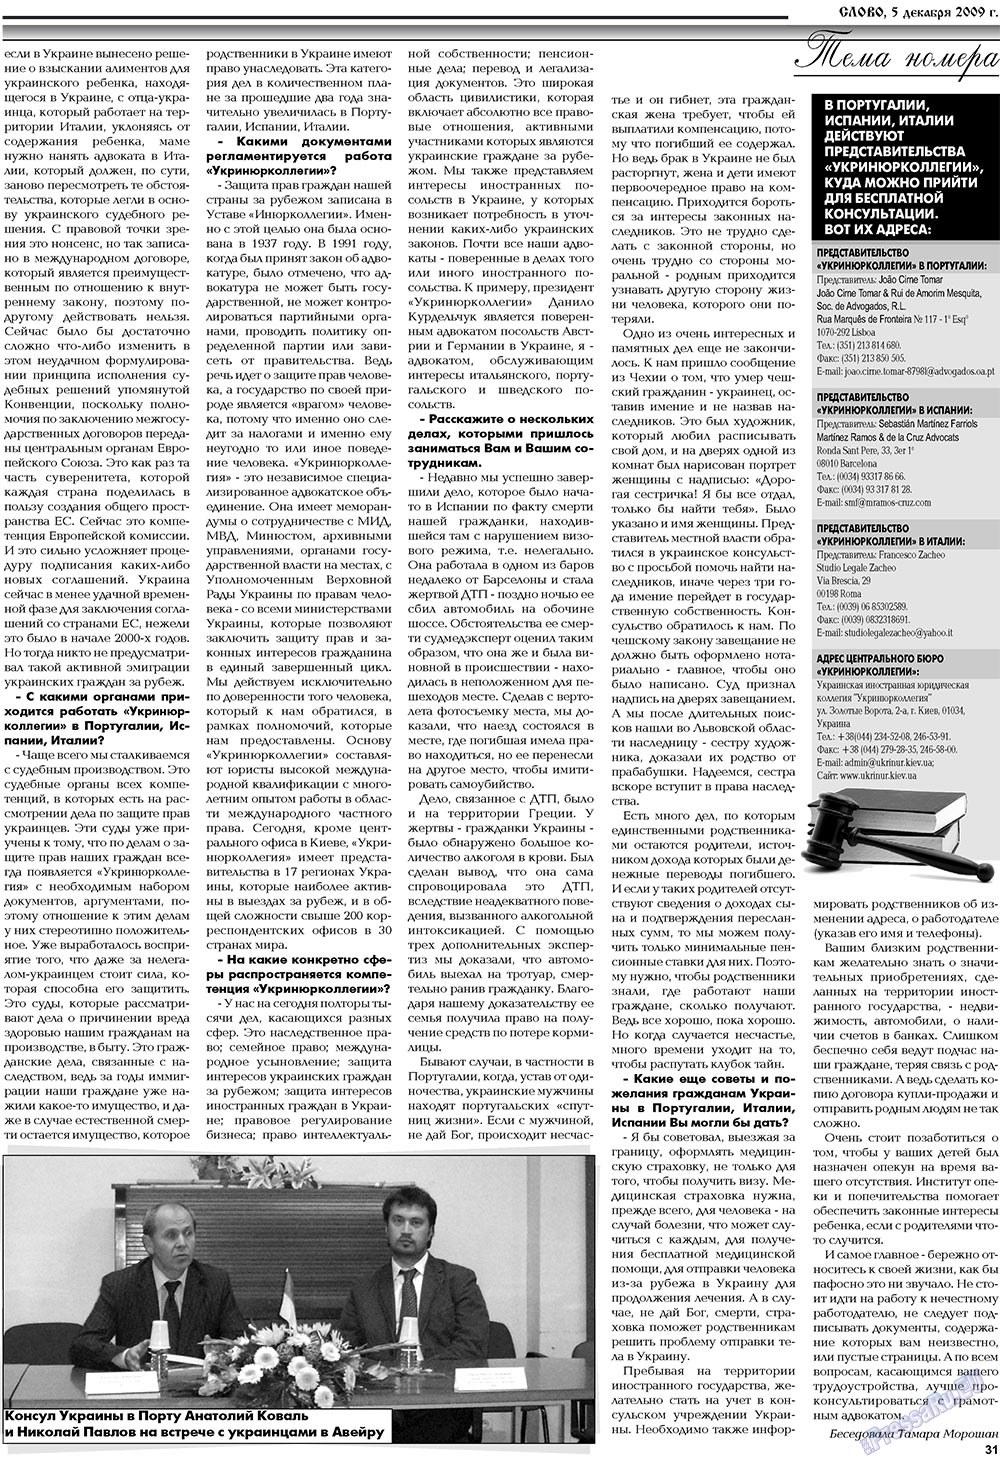 Слово (газета). 2009 год, номер 49, стр. 31